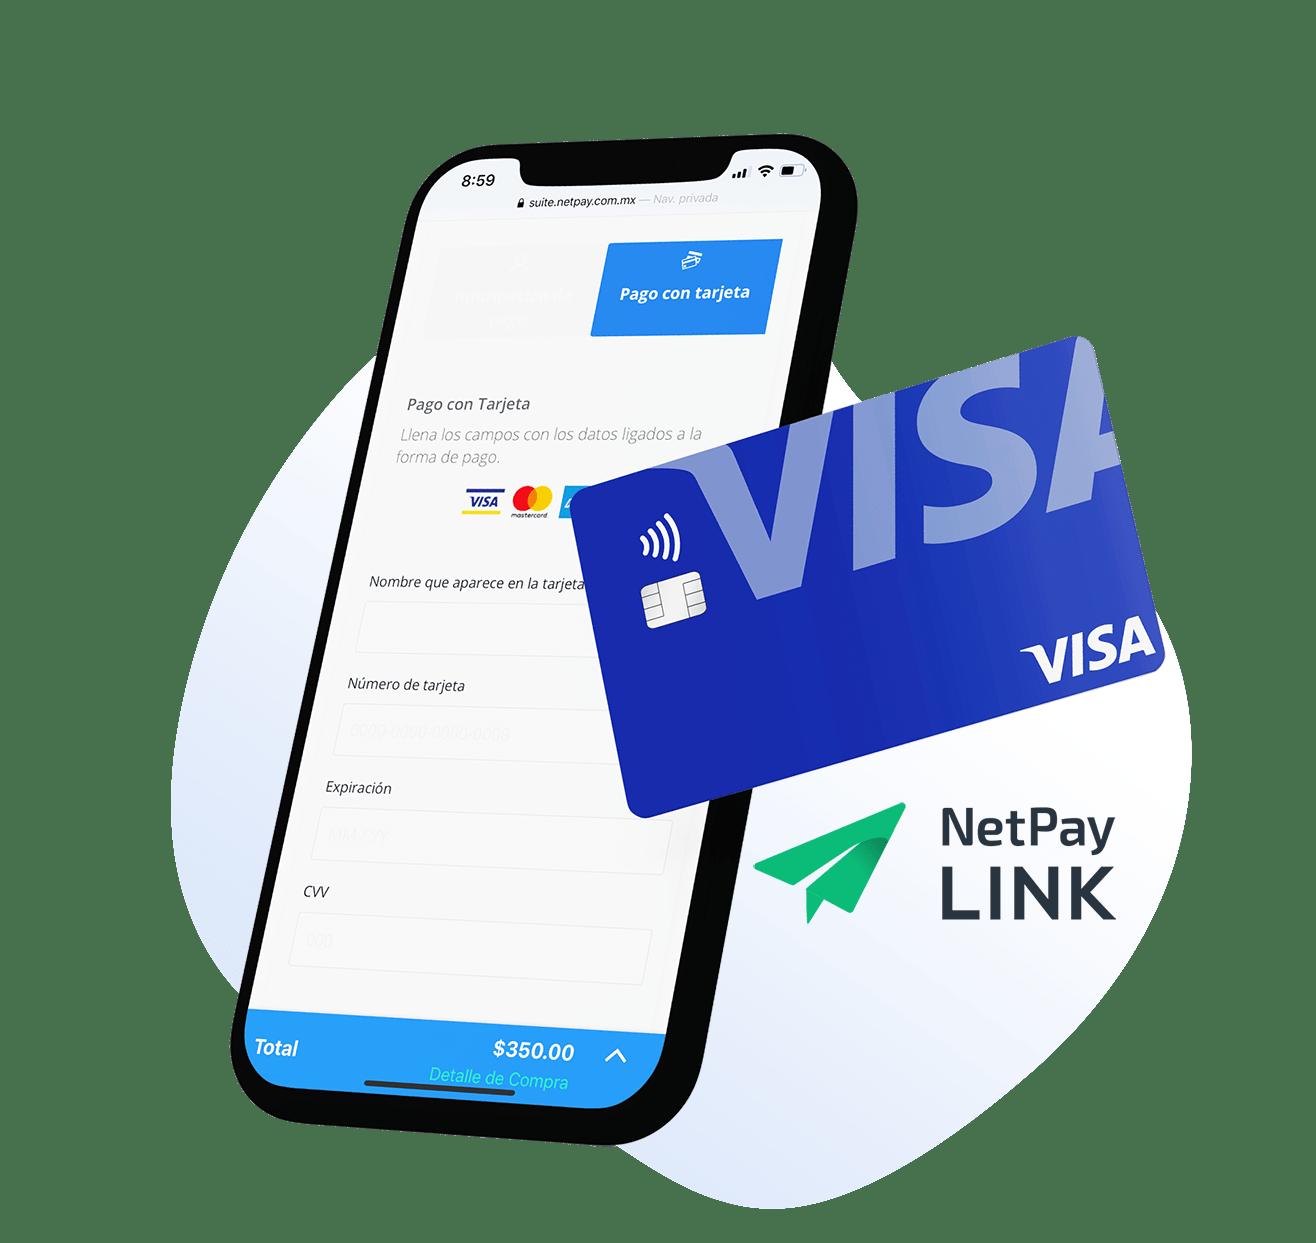 Netpay-link-min